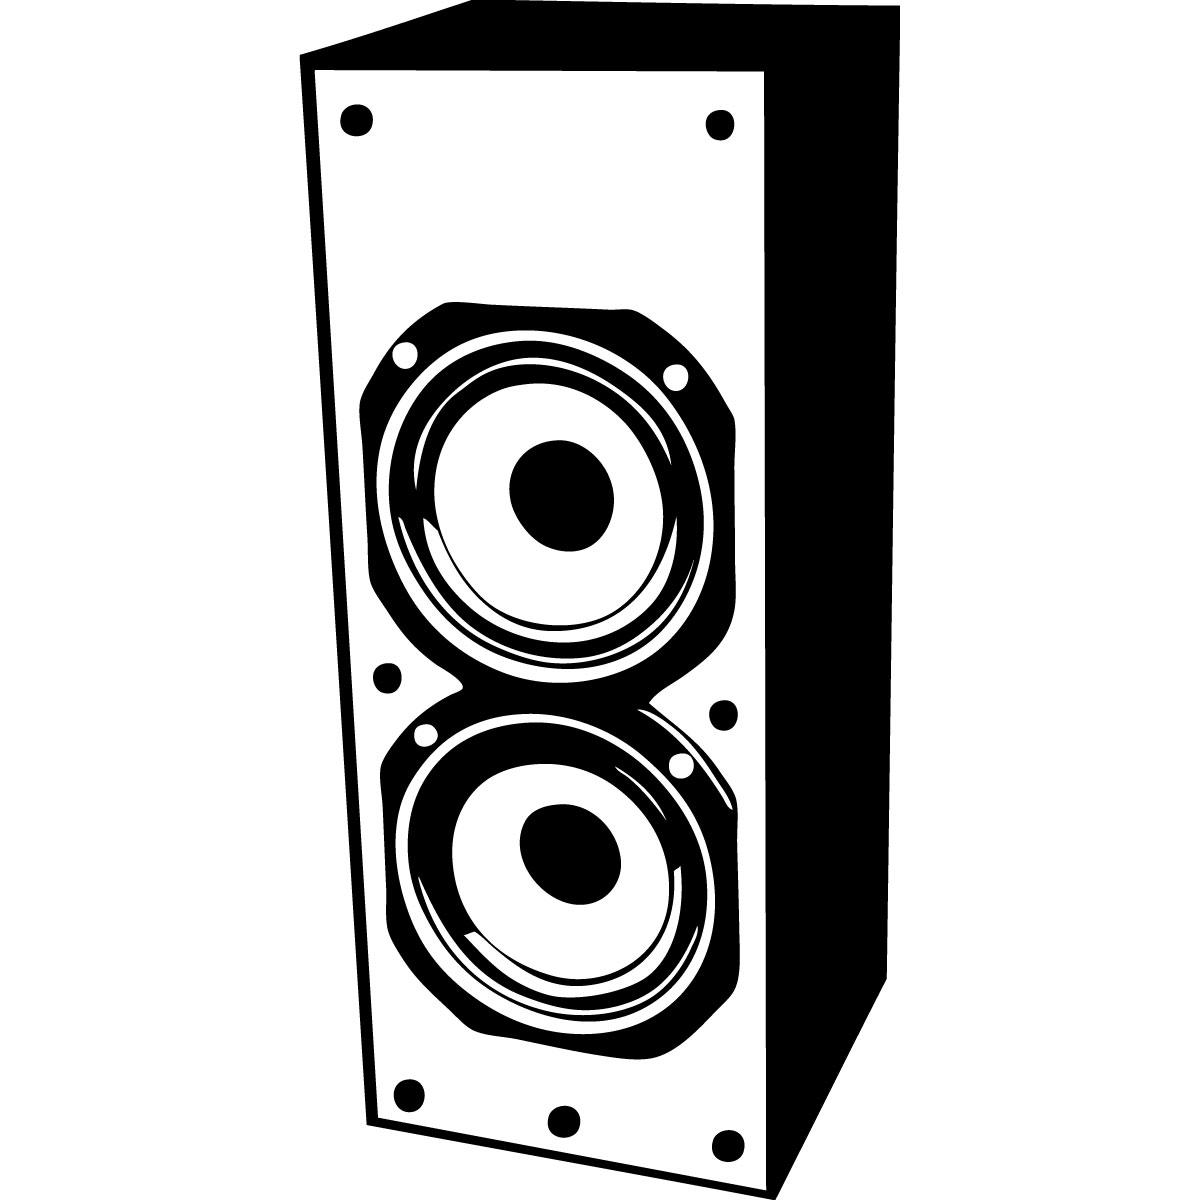 sticker-hautparleur-2-ambiance-sticker-music-speaker-R005.jpg